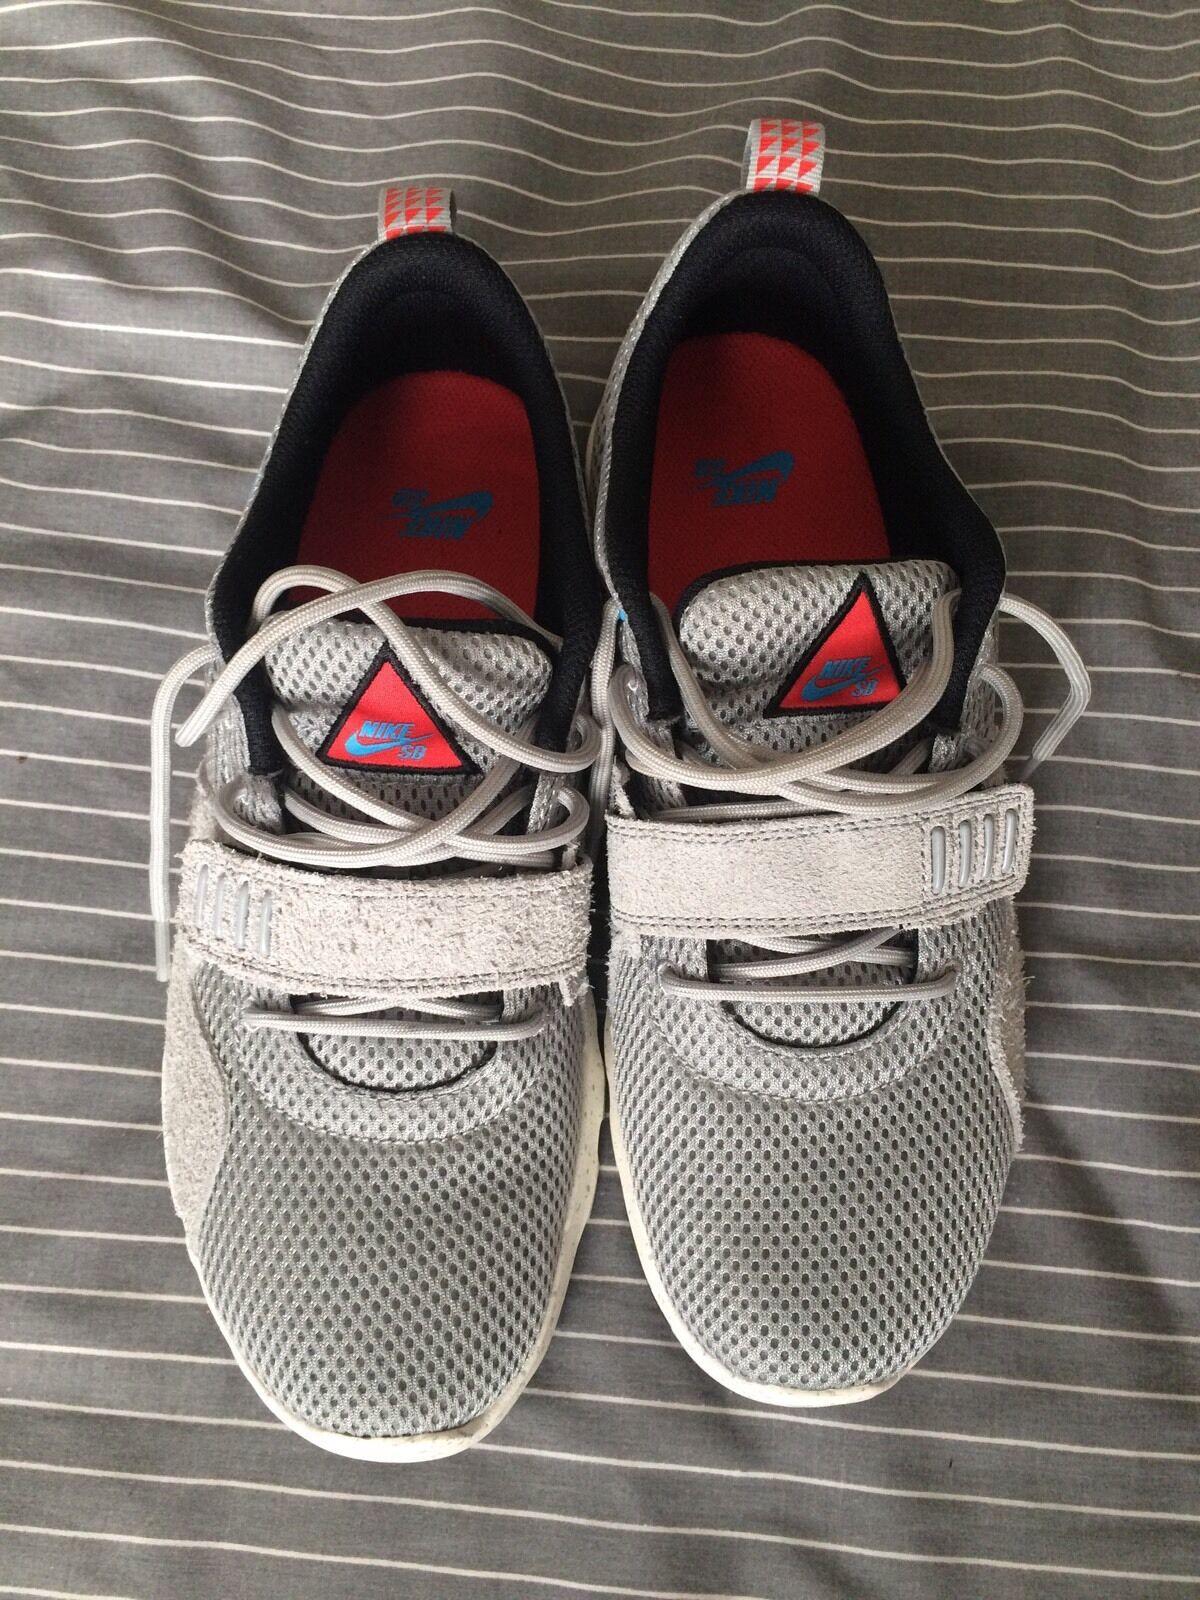 Nike uomini lite run 4 atletico correndo scarpe nero / bianco / antracite